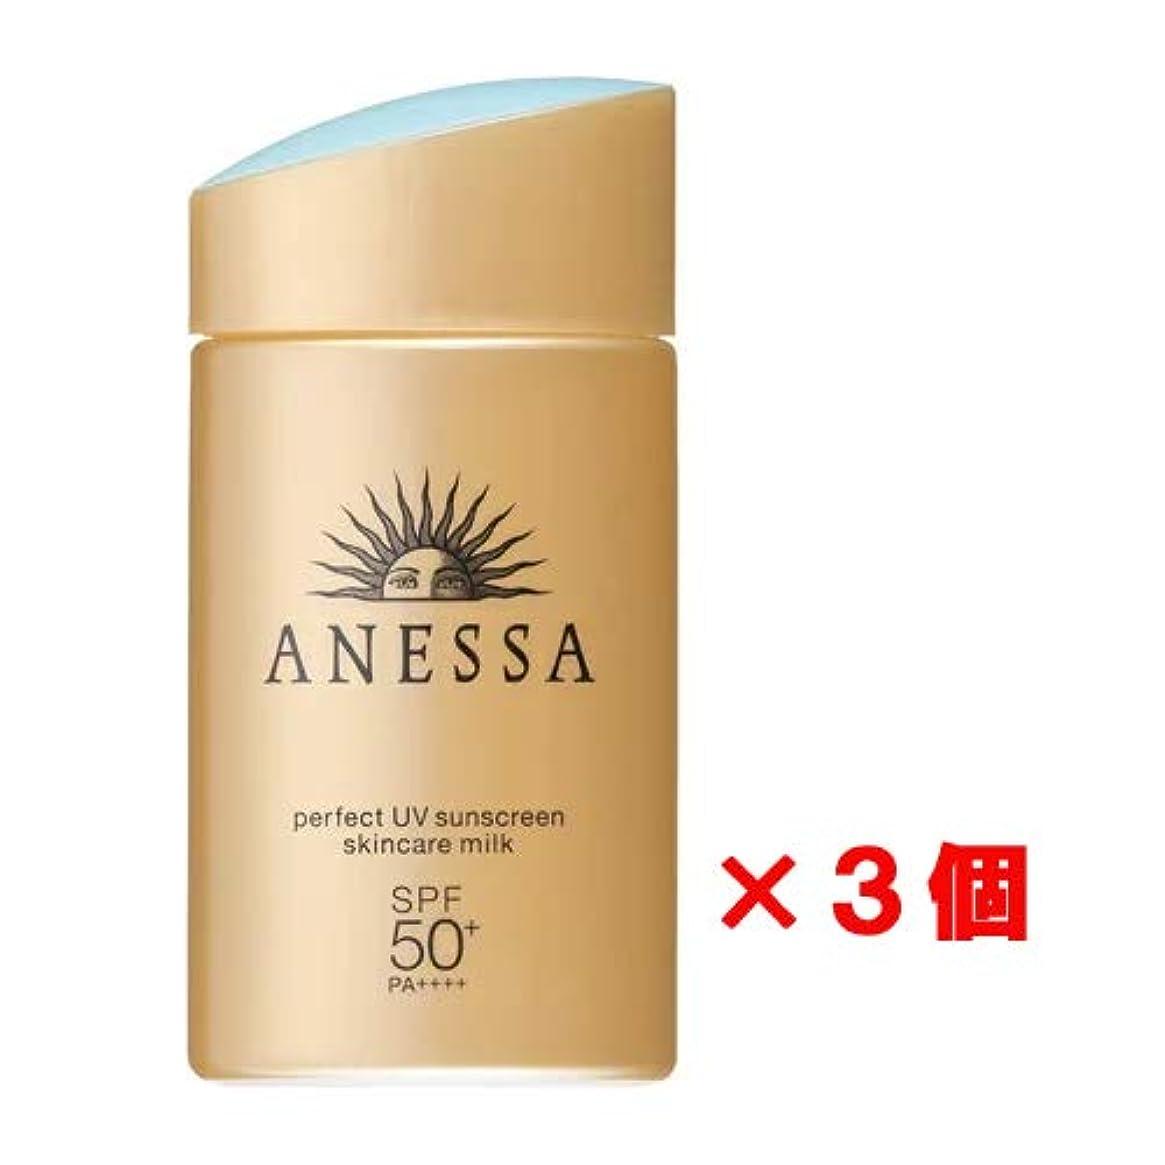 ポータル日光会社アネッサ パーフェクトUV スキンケアミルク SPF50+/PA++++ 60mL ×3個セット